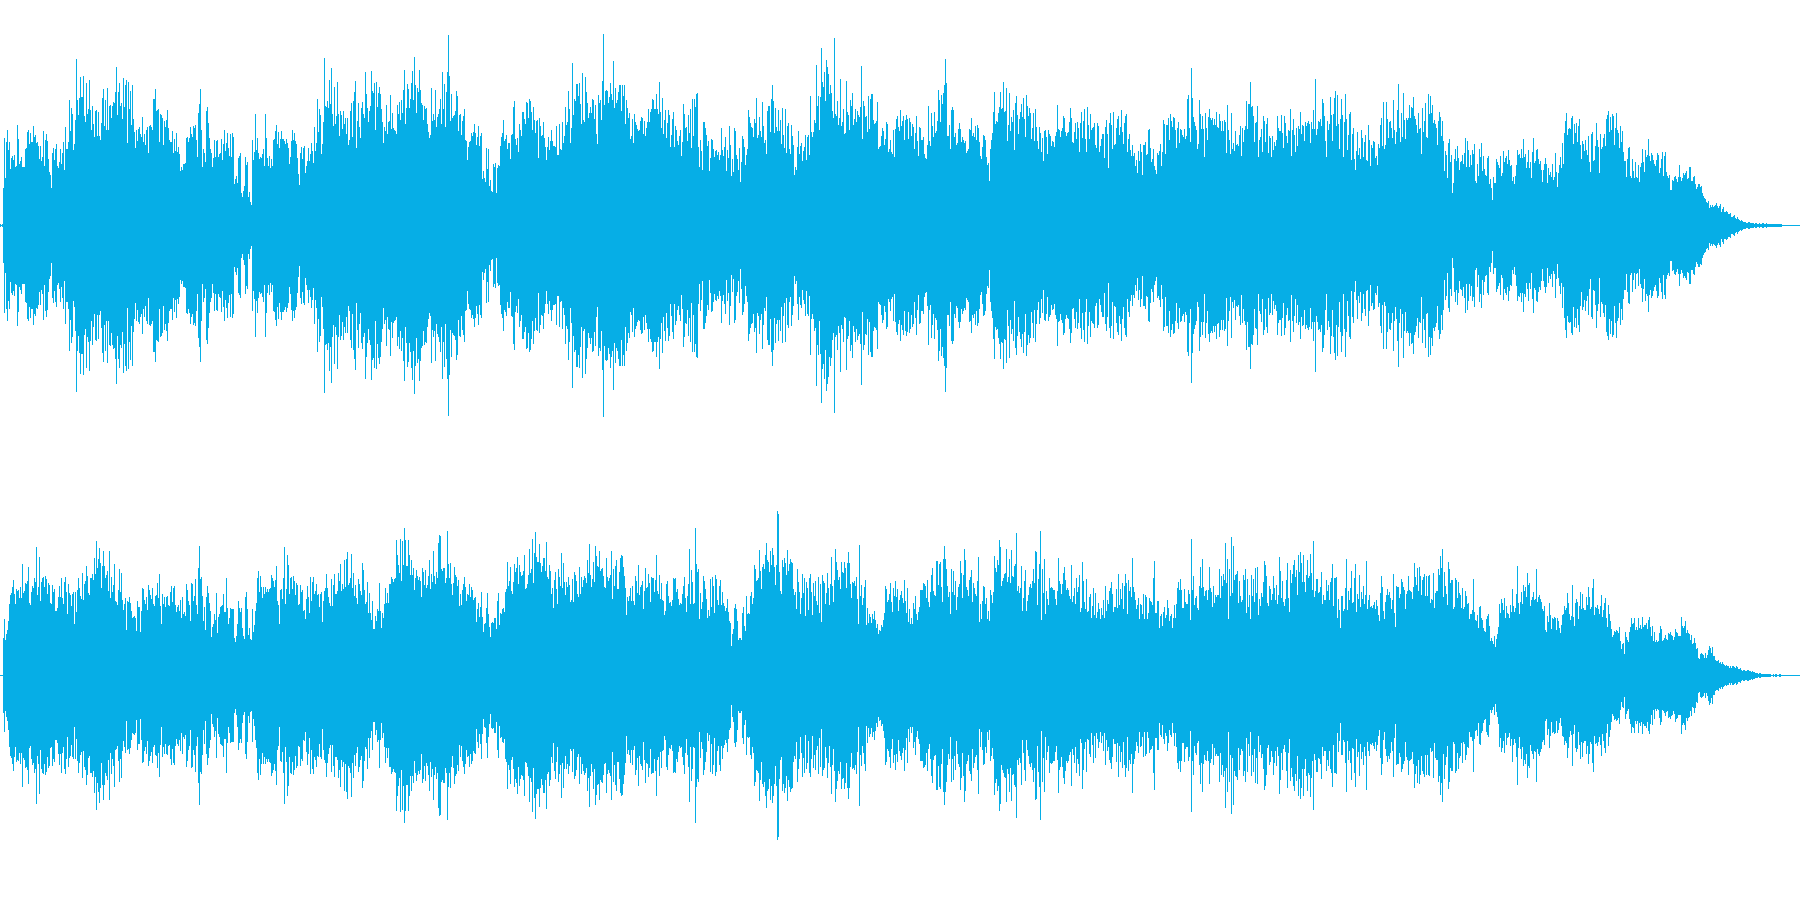 未来空間音楽の再生済みの波形